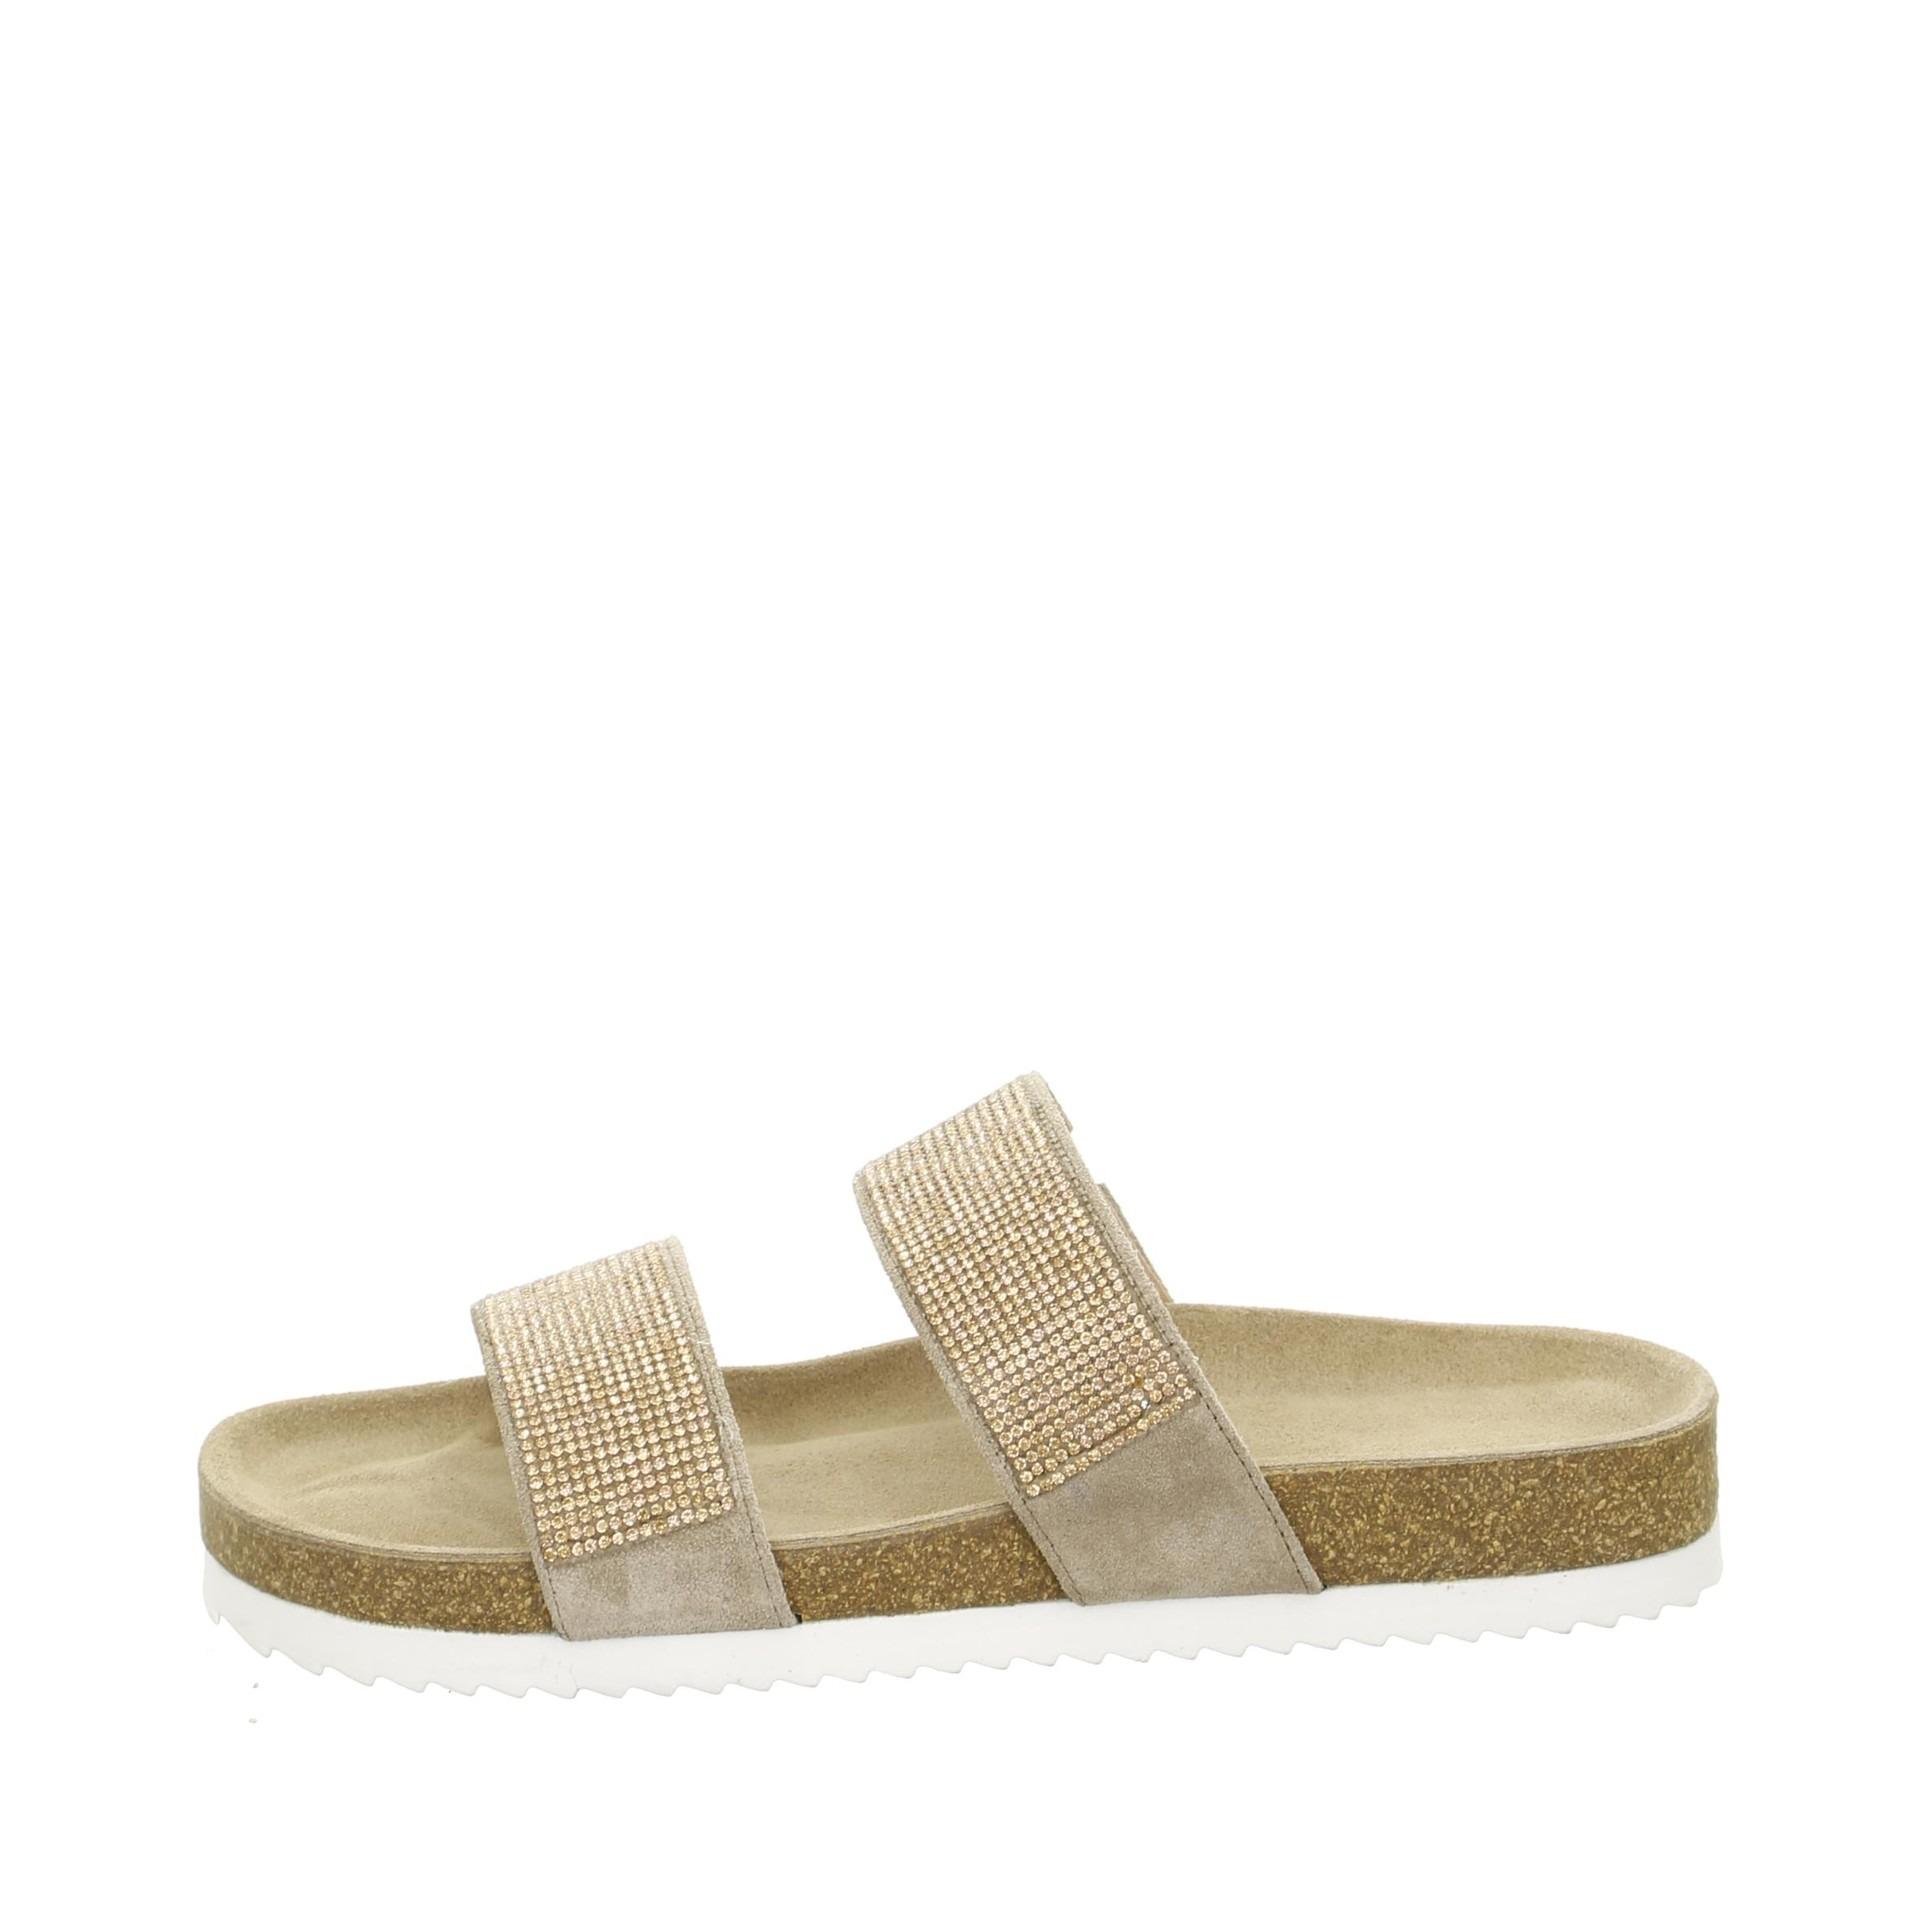 Soňa - Dámska obuv - Šľapky - Bledohnedé dámske šľapky 08c1f1f981